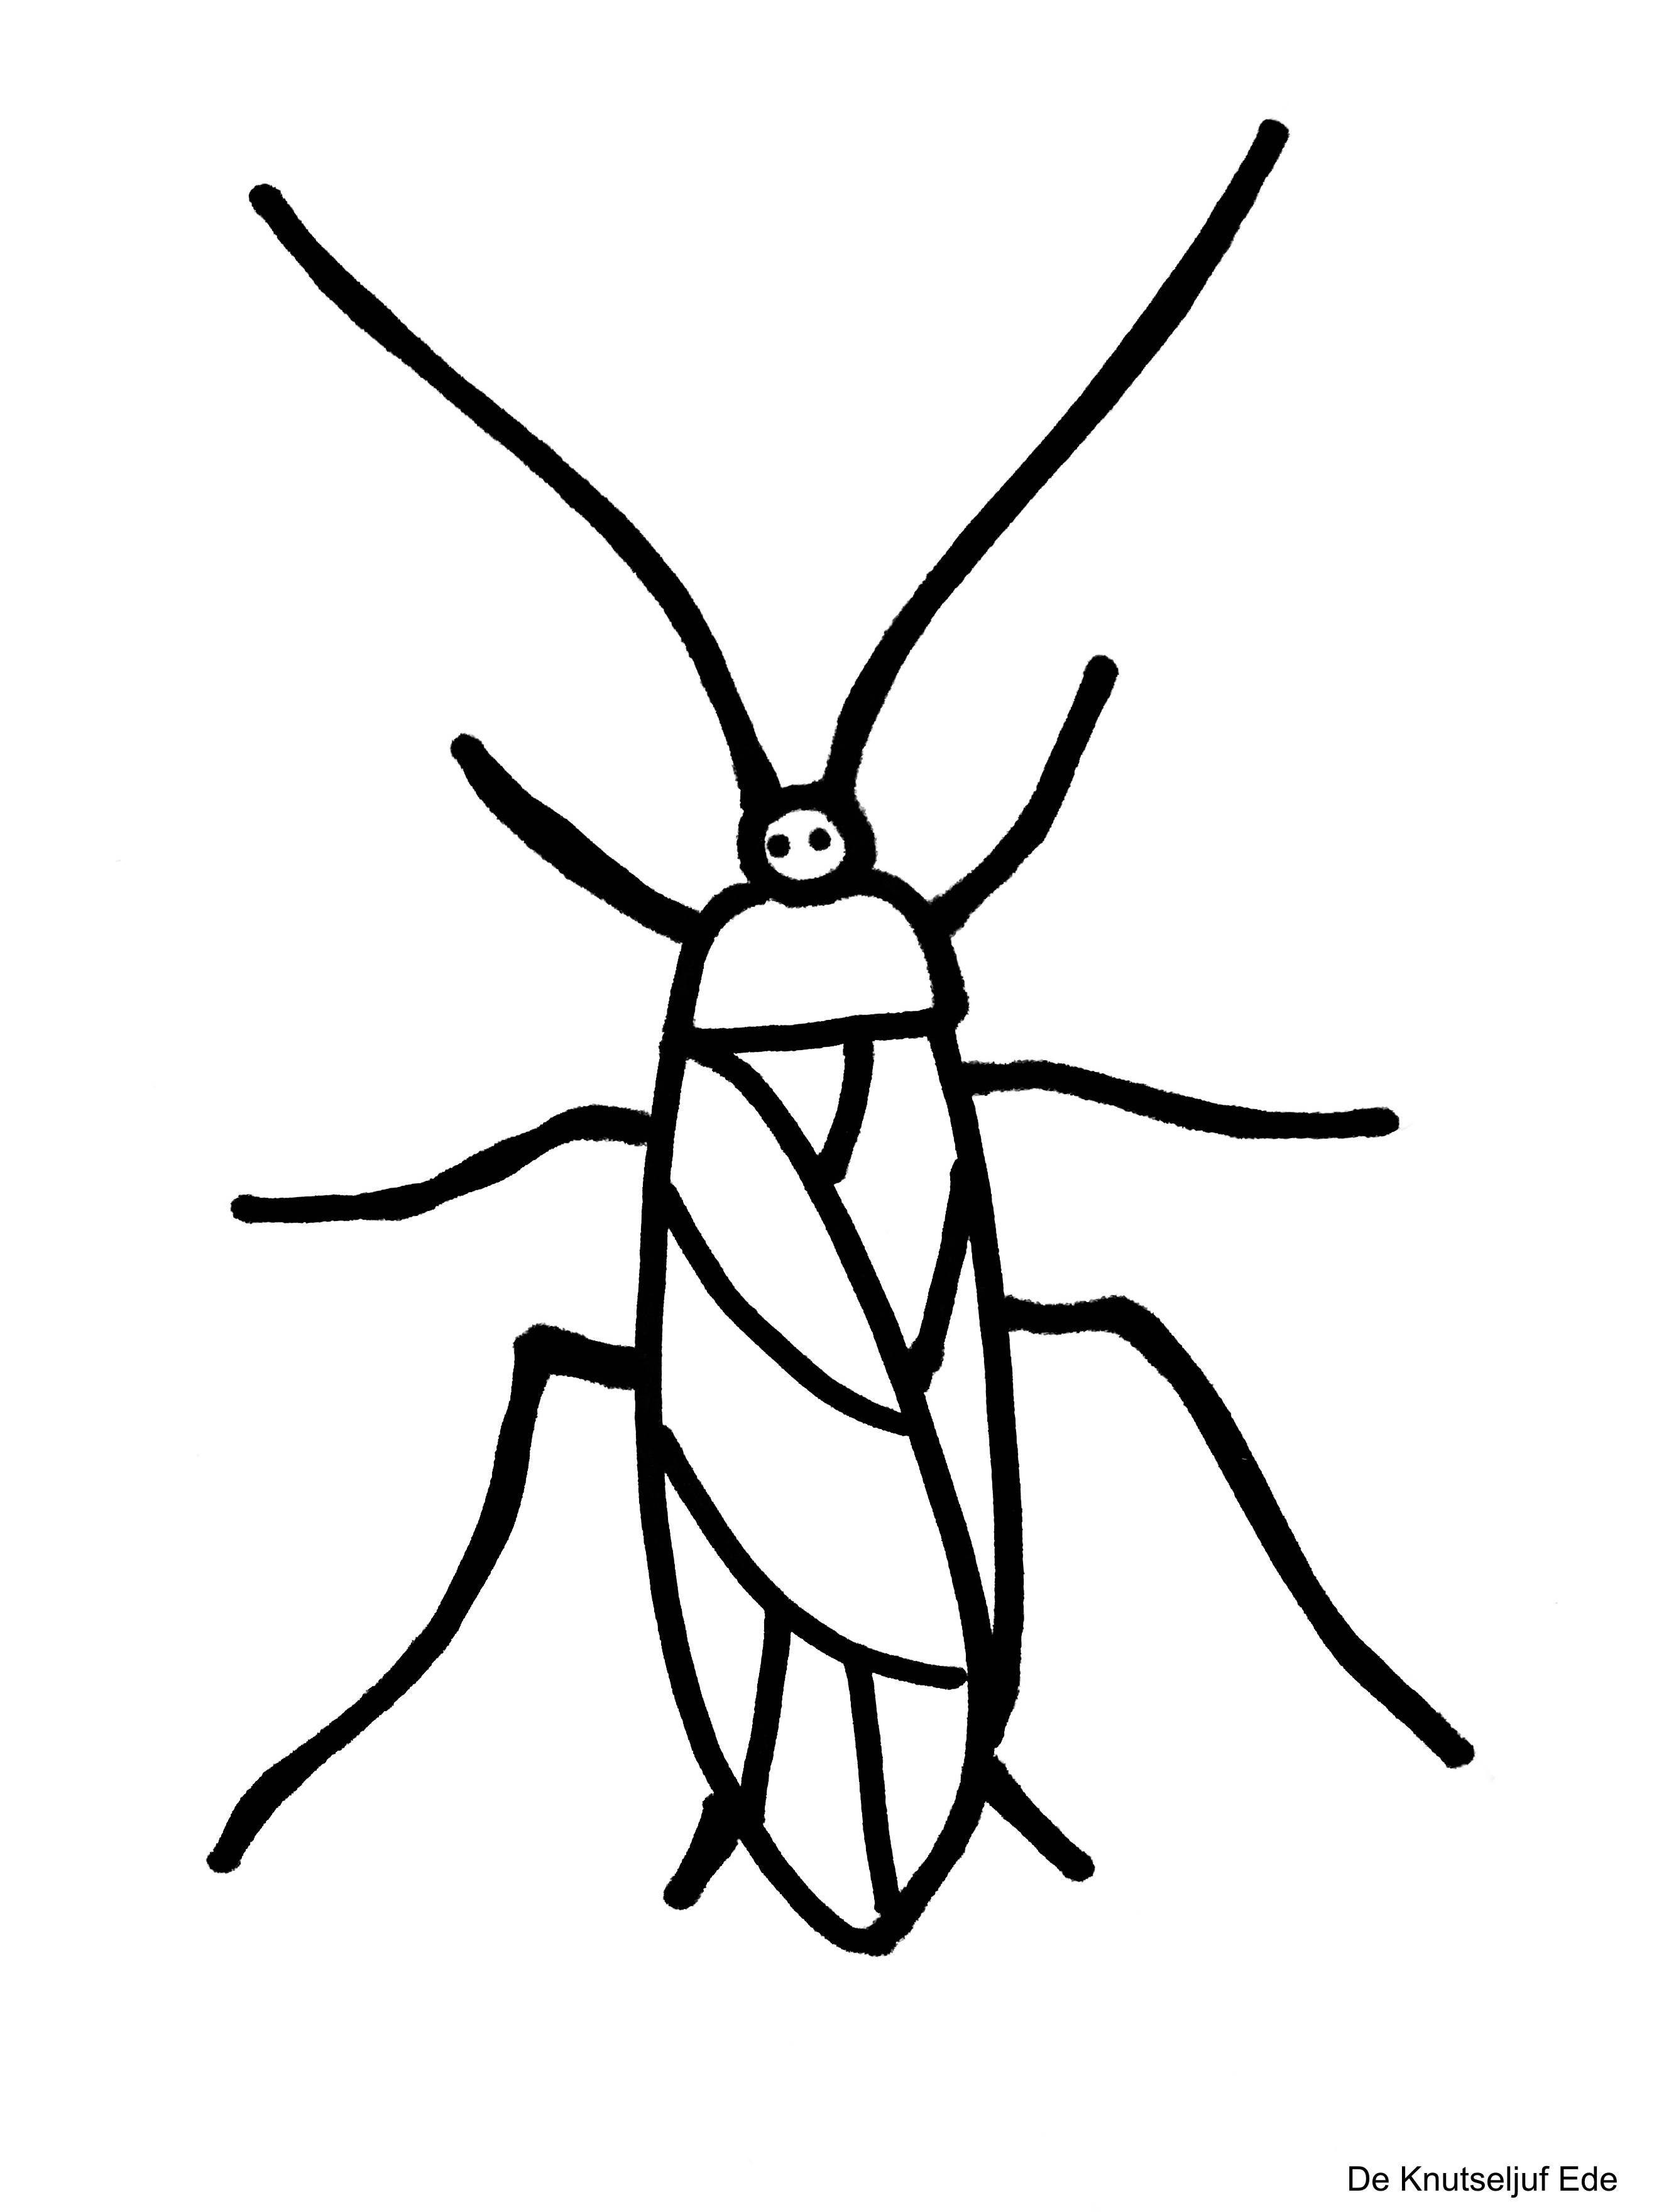 Kleurplaten Kriebelbeestjes Insekten Kleurplaat Kleurplaten Deknutseljuf Sprinkhaan De Knutseljuf Ede Insect Knutselen Insecten Kleurplaten